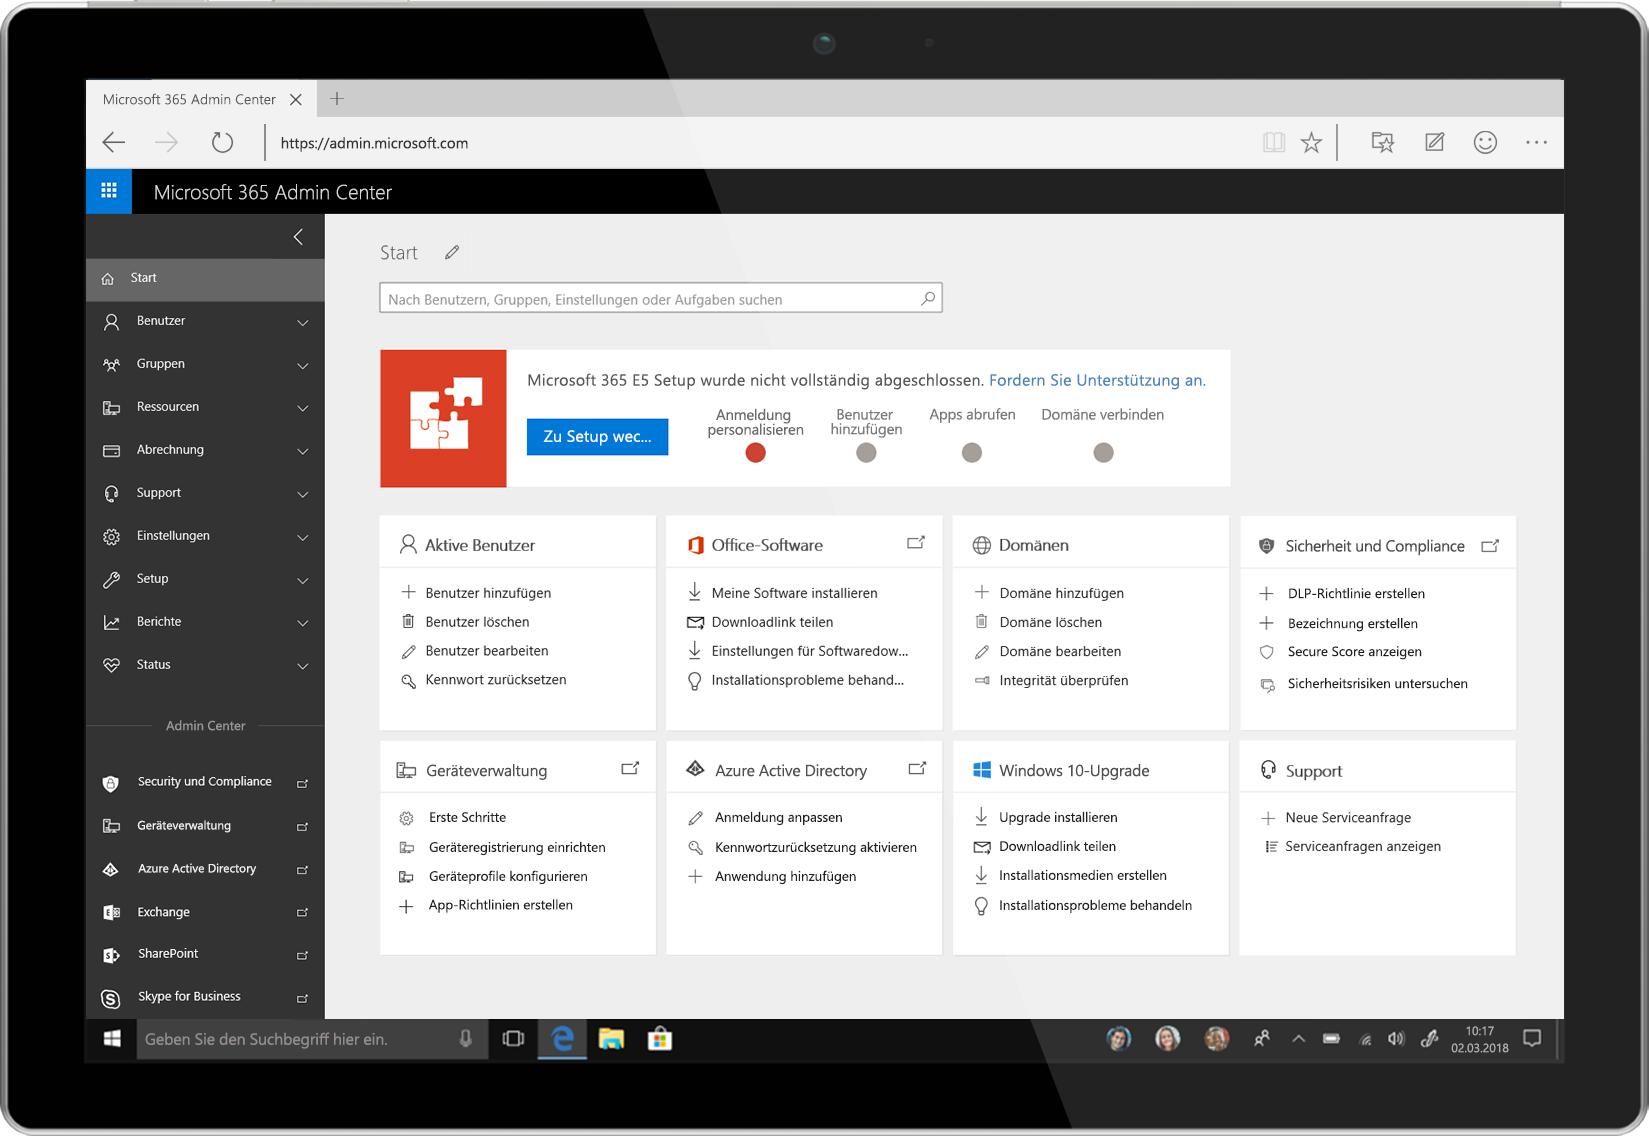 Abbildung eines Tablets, auf dem das Microsoft 365 Admin Center dargestellt ist